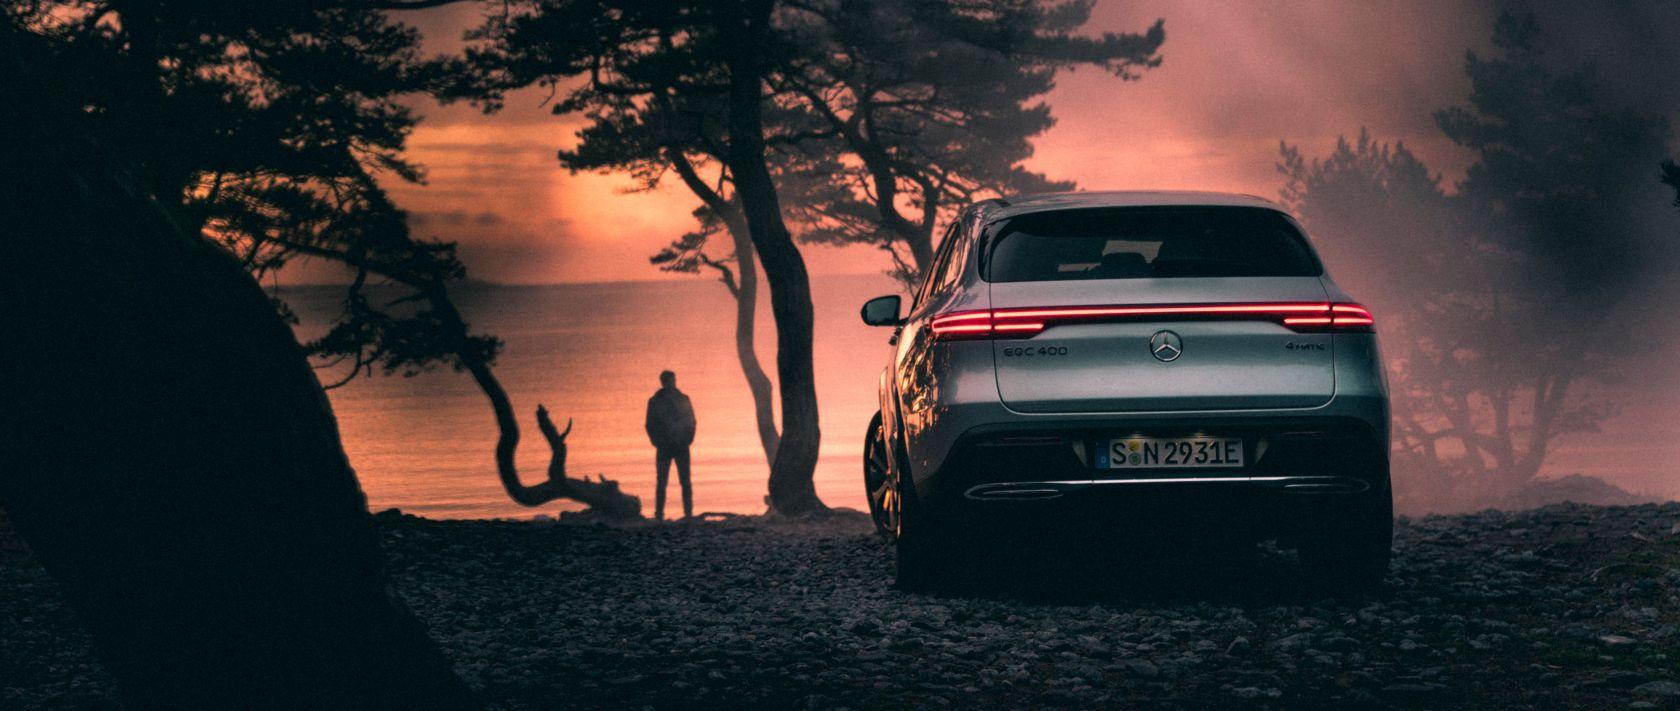 MBsocialcar Mercedes Benz EQC 2019 1680x711